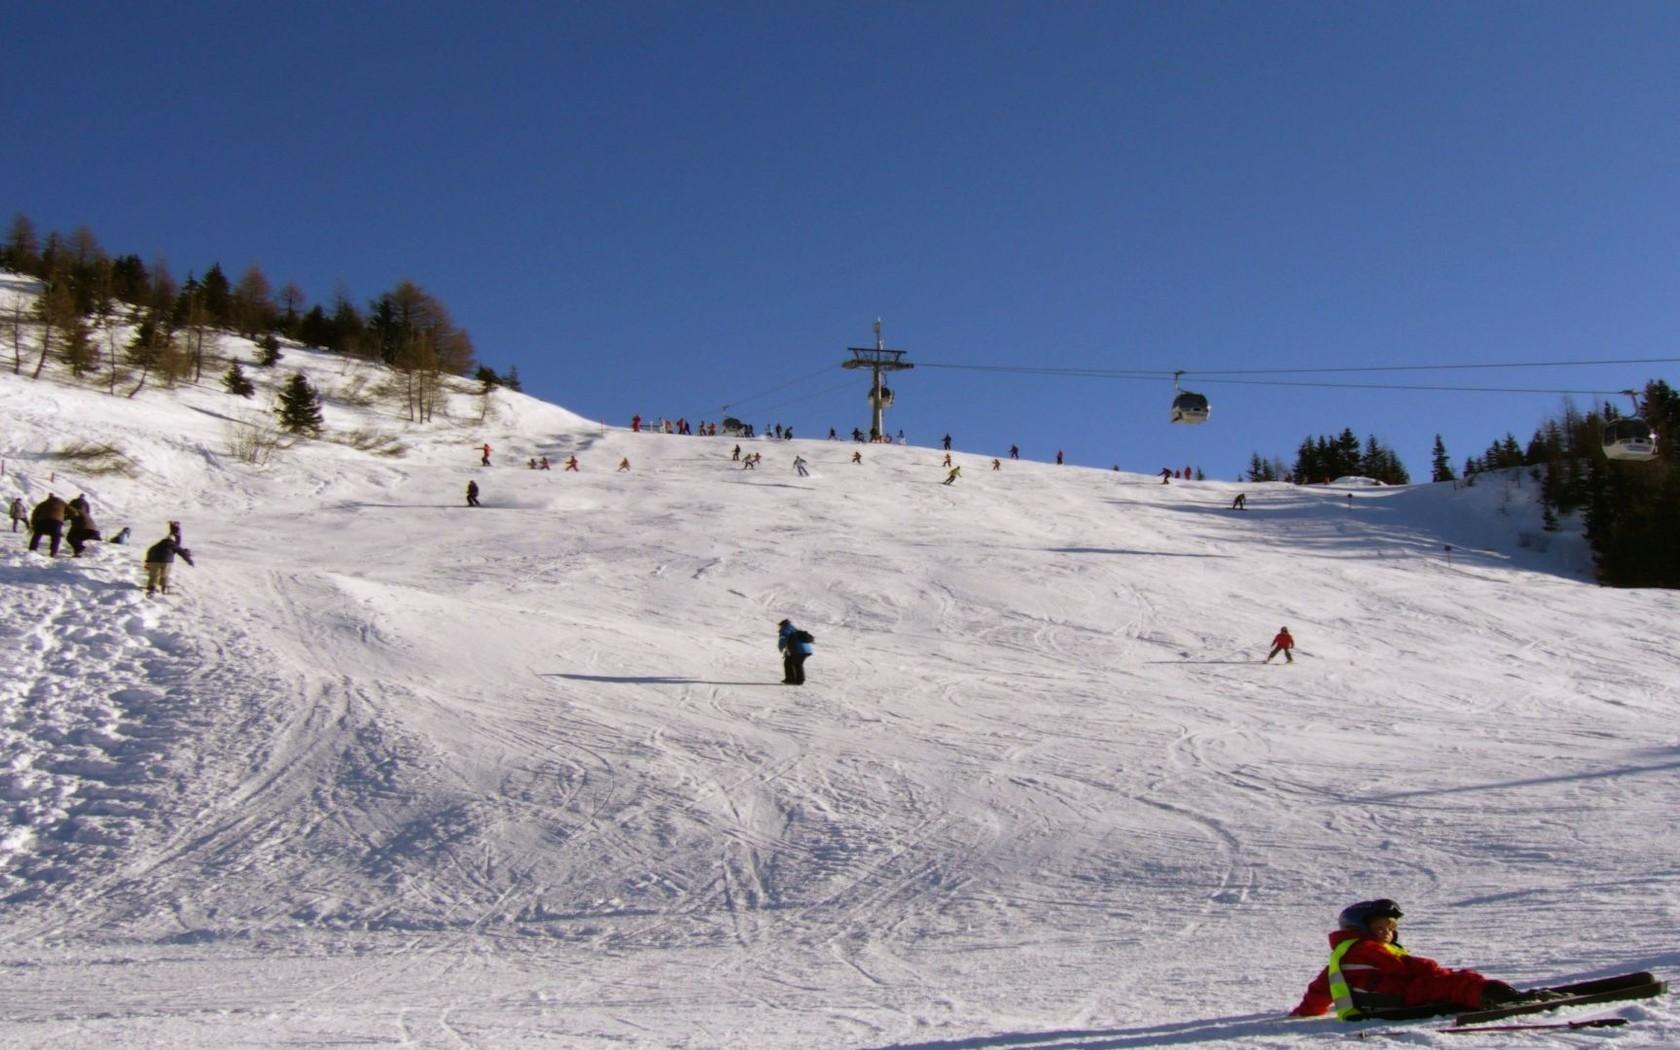 Ski slope wallpaper 8957 1680x1050